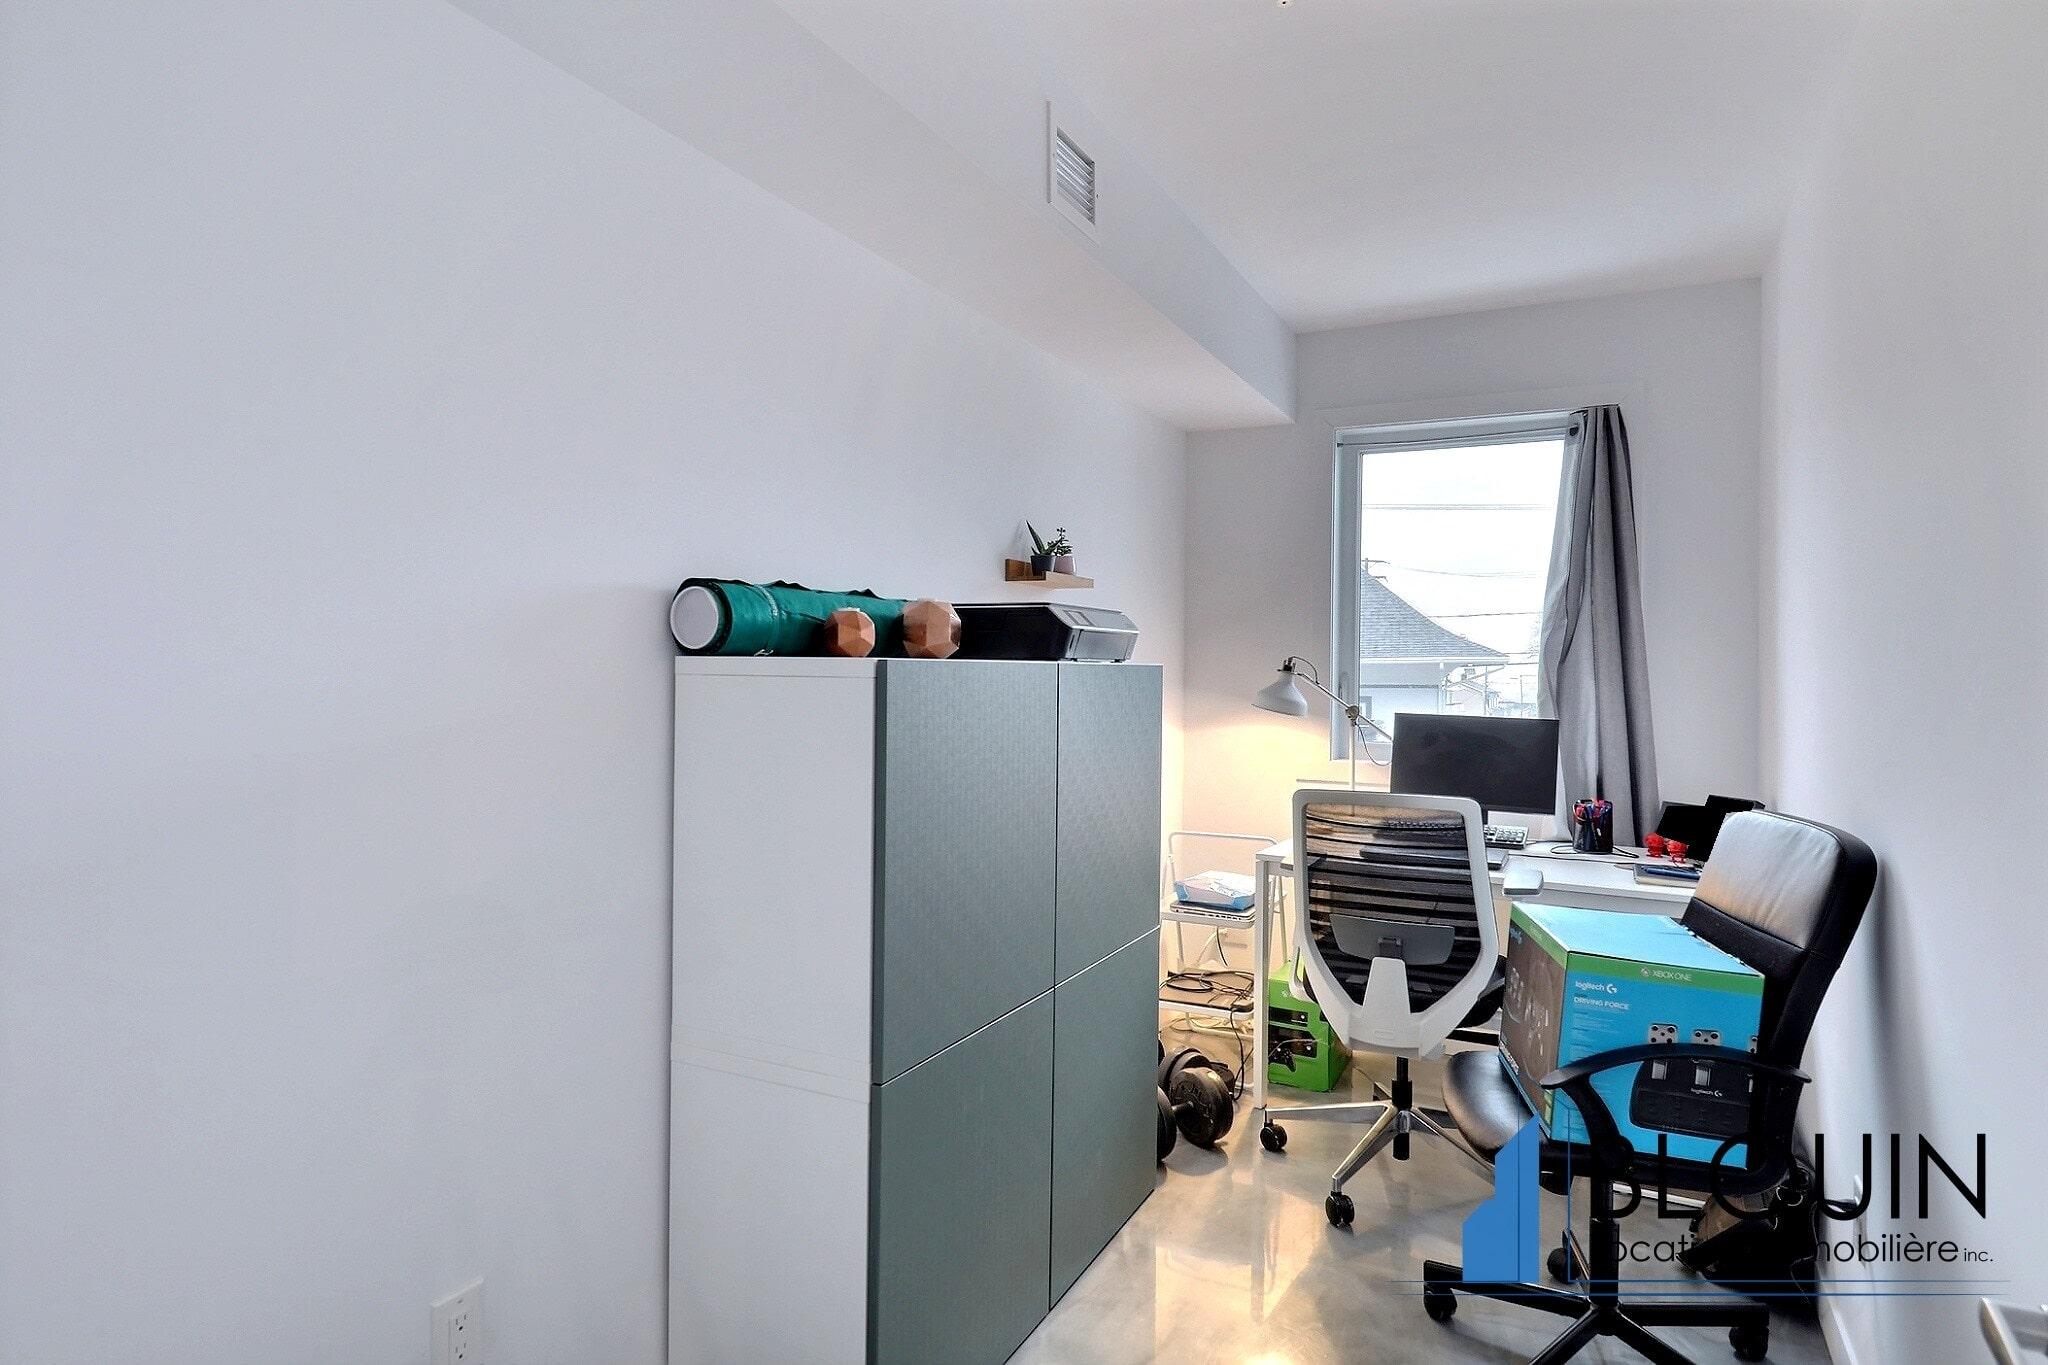 Photo 10 : Magnifique 3 ½ + Bureau, à Lévis, Moderne, Stationnement intérieur, Ascenseur, Belle vue